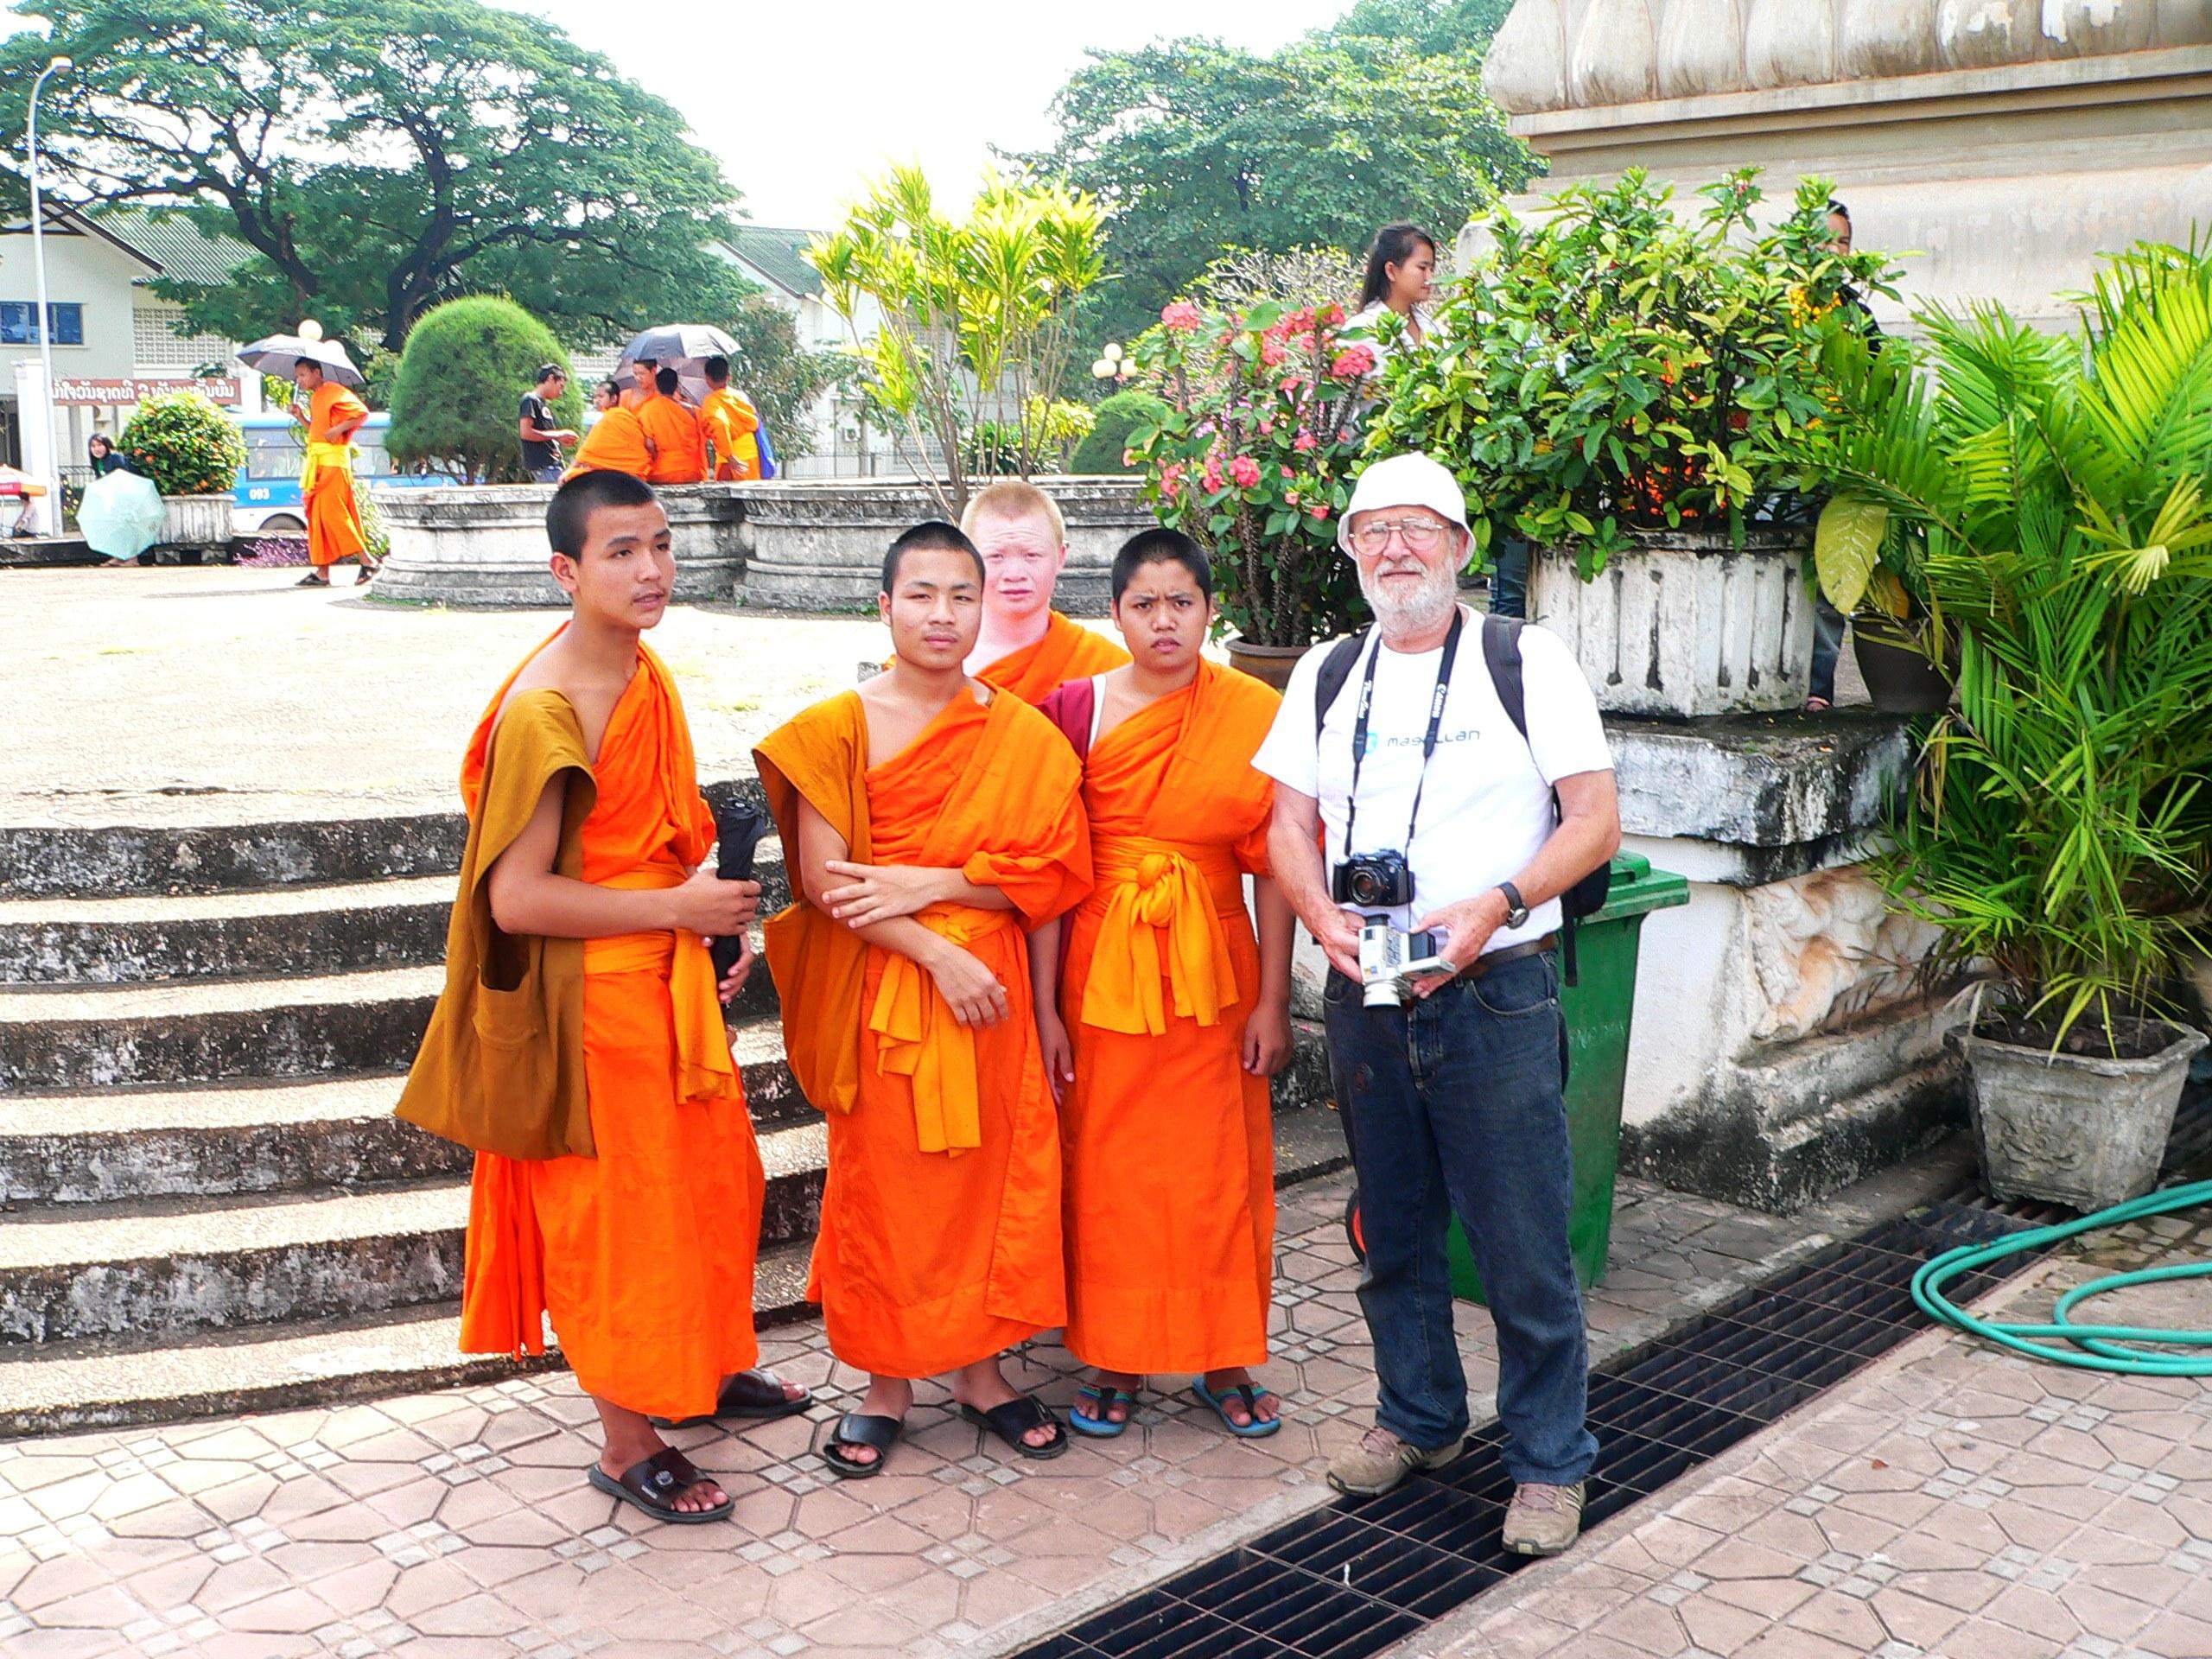 Buddhista szerzetesekkel Nepálban (Fotó: Juhász Árpád)